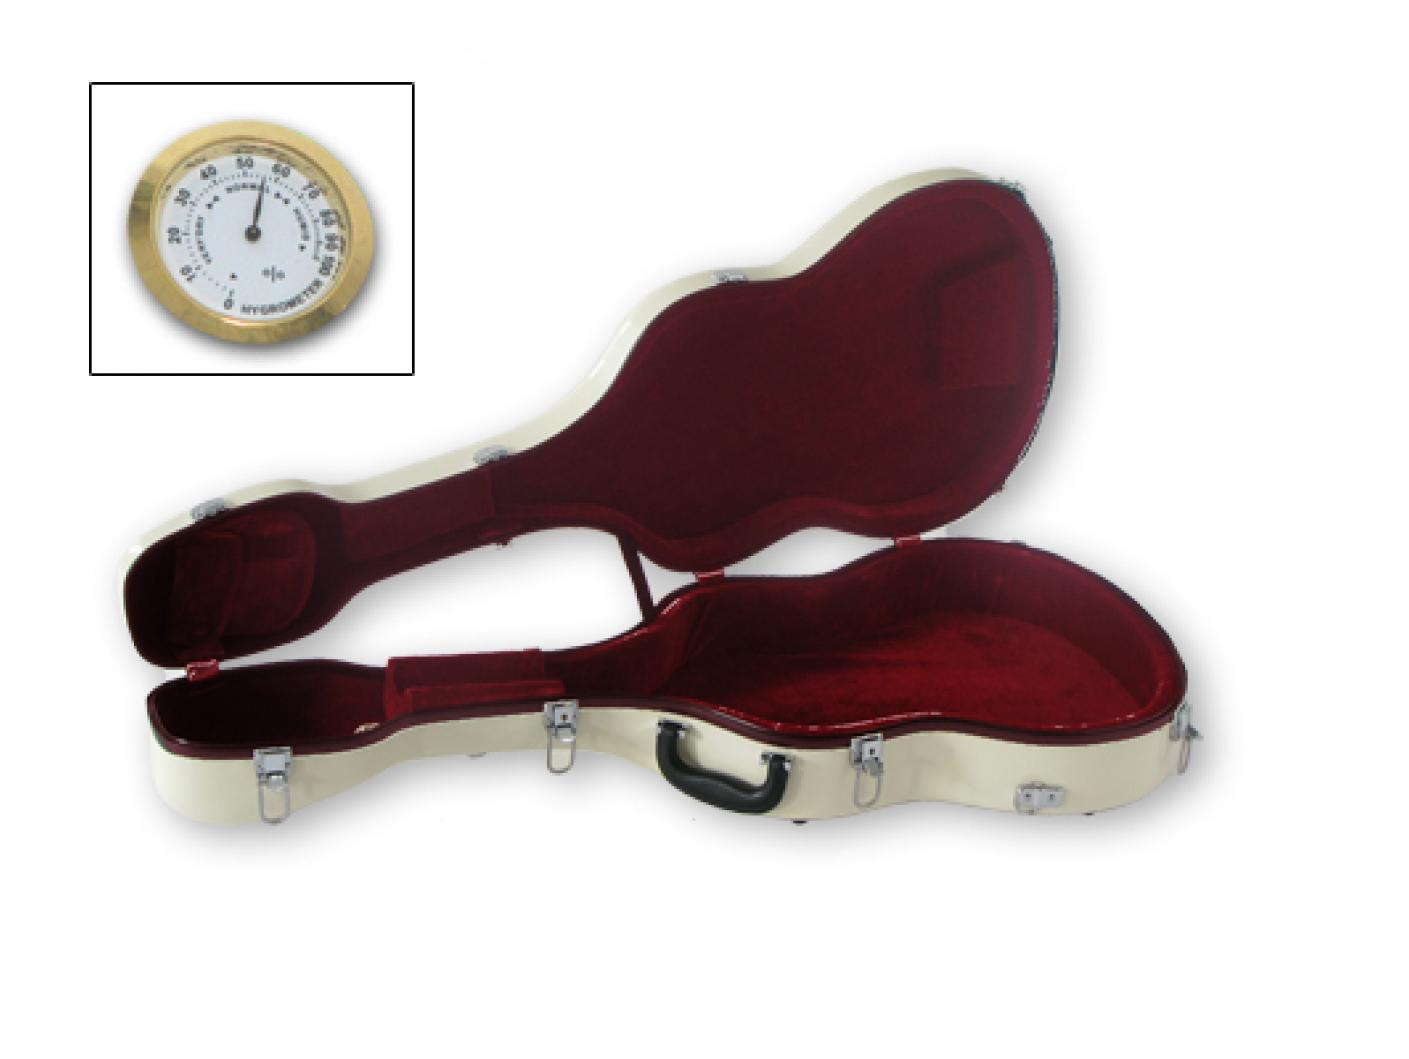 Некоторые гитарные футляры оборудованы прибором гигрометром для измерения влажности воздуха внутри футляра